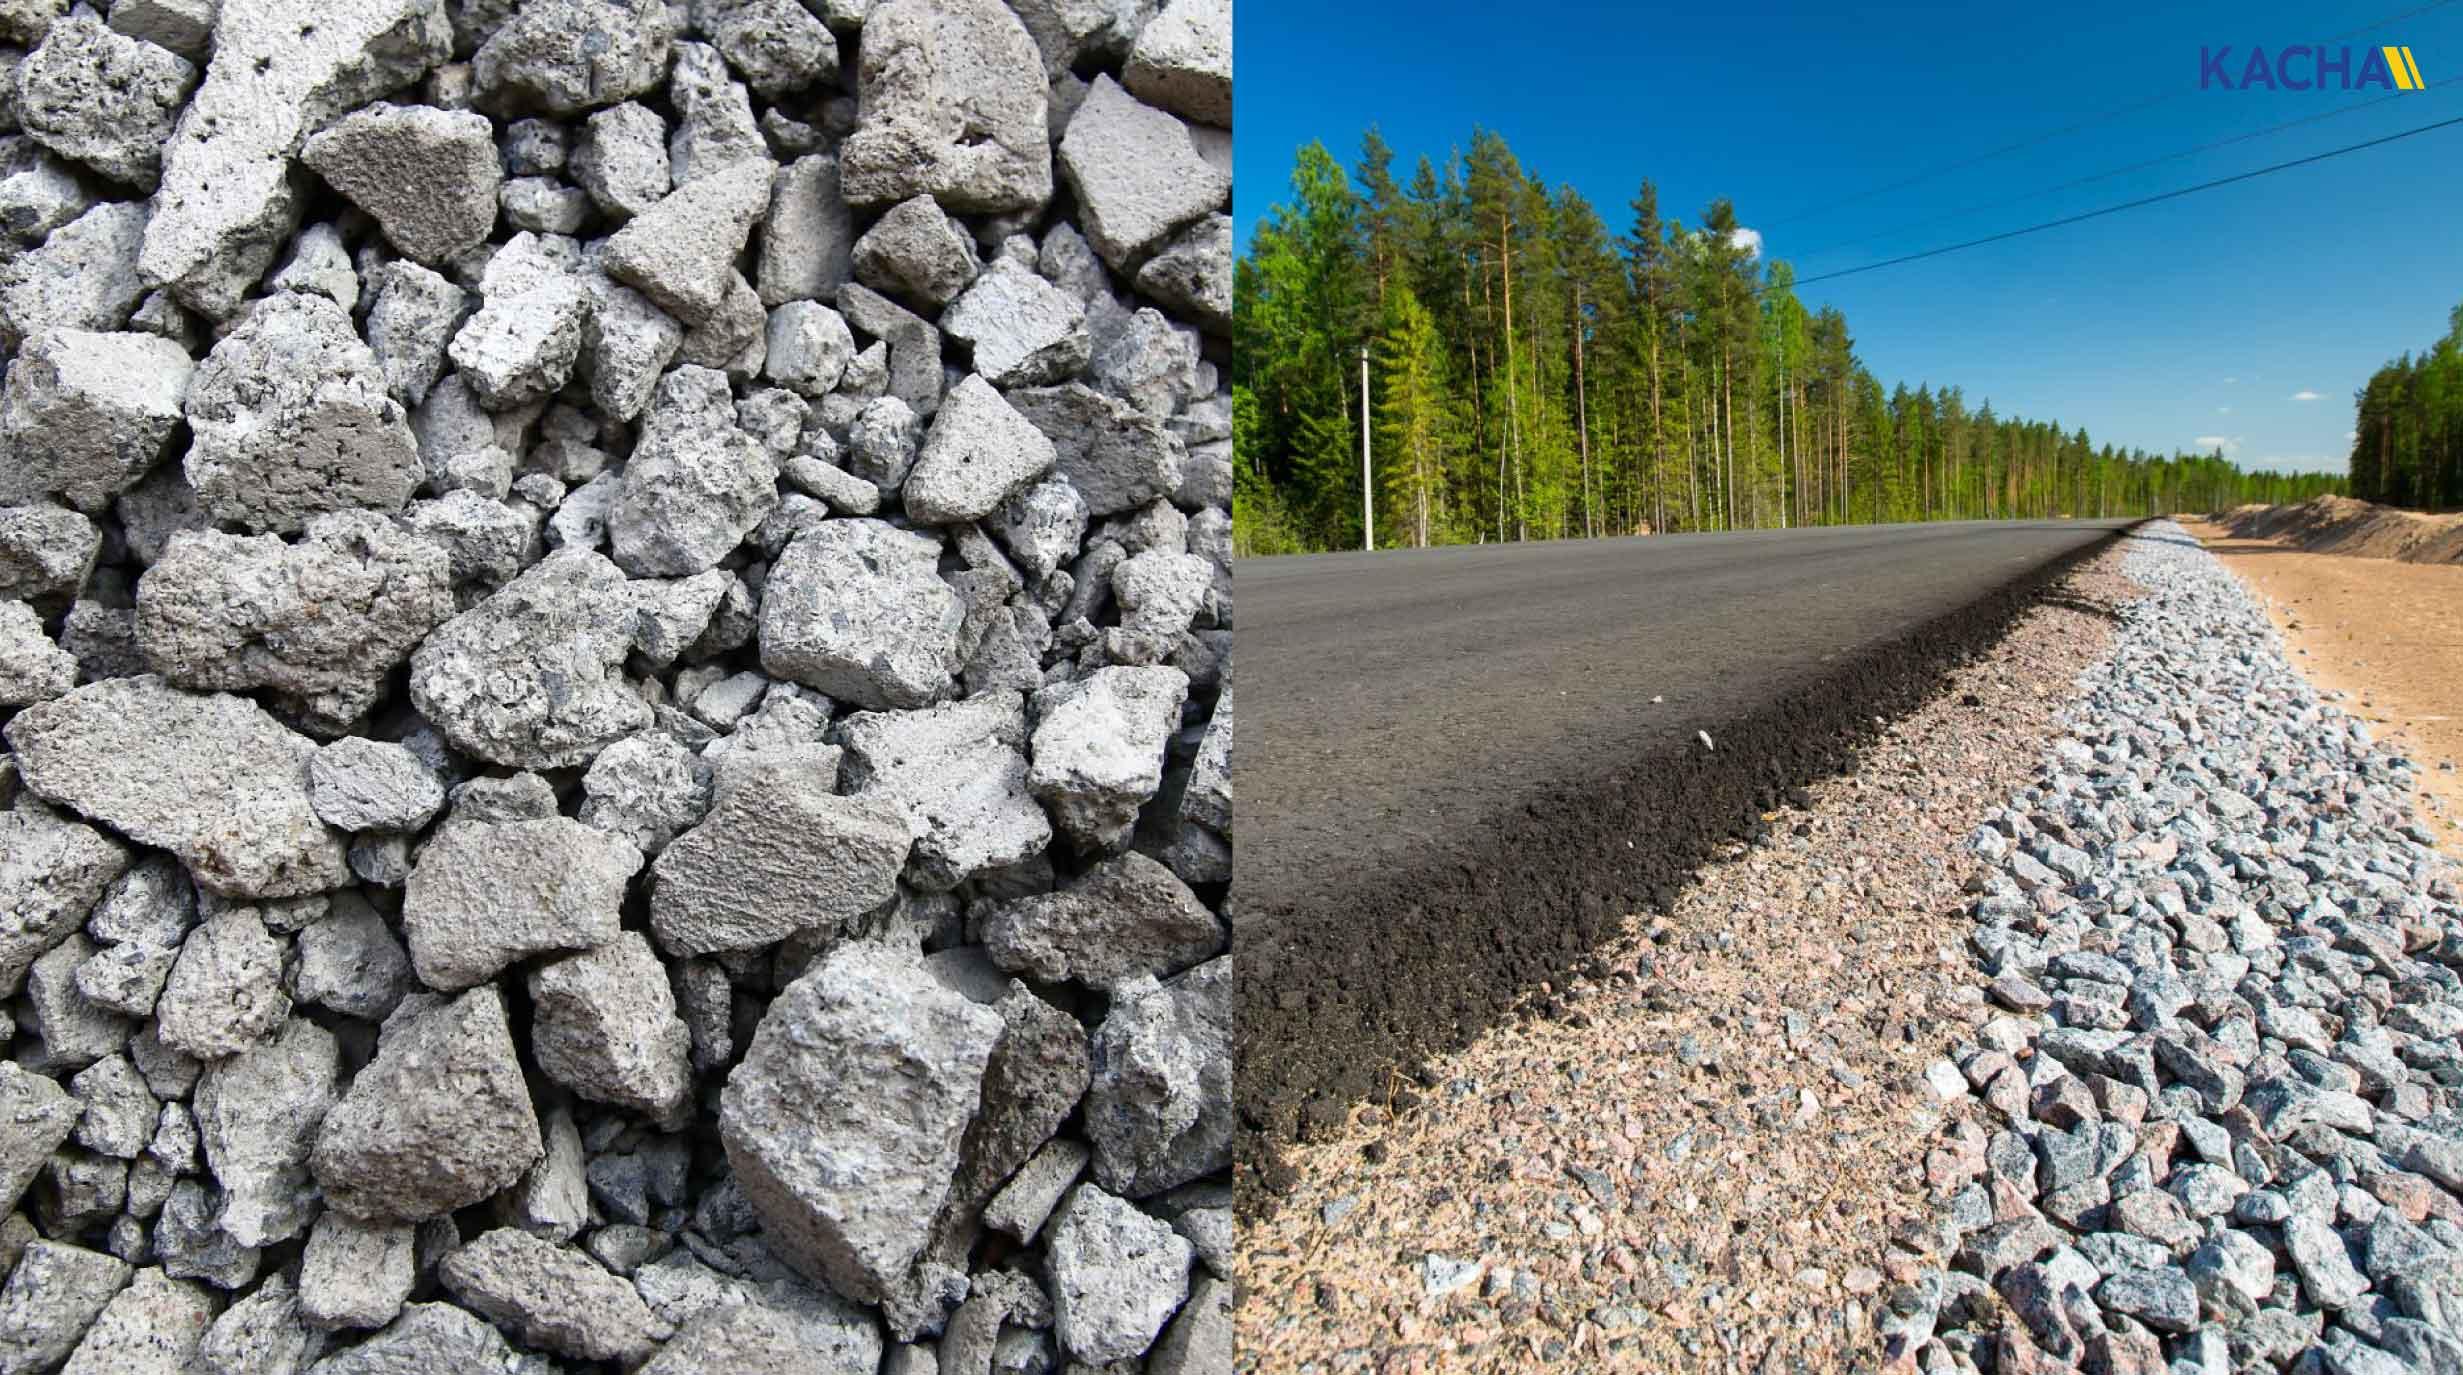 210410-Content-หินคลุก-หินเกล็ด-คืออะไร-ใช้งานต่างกันไหม04